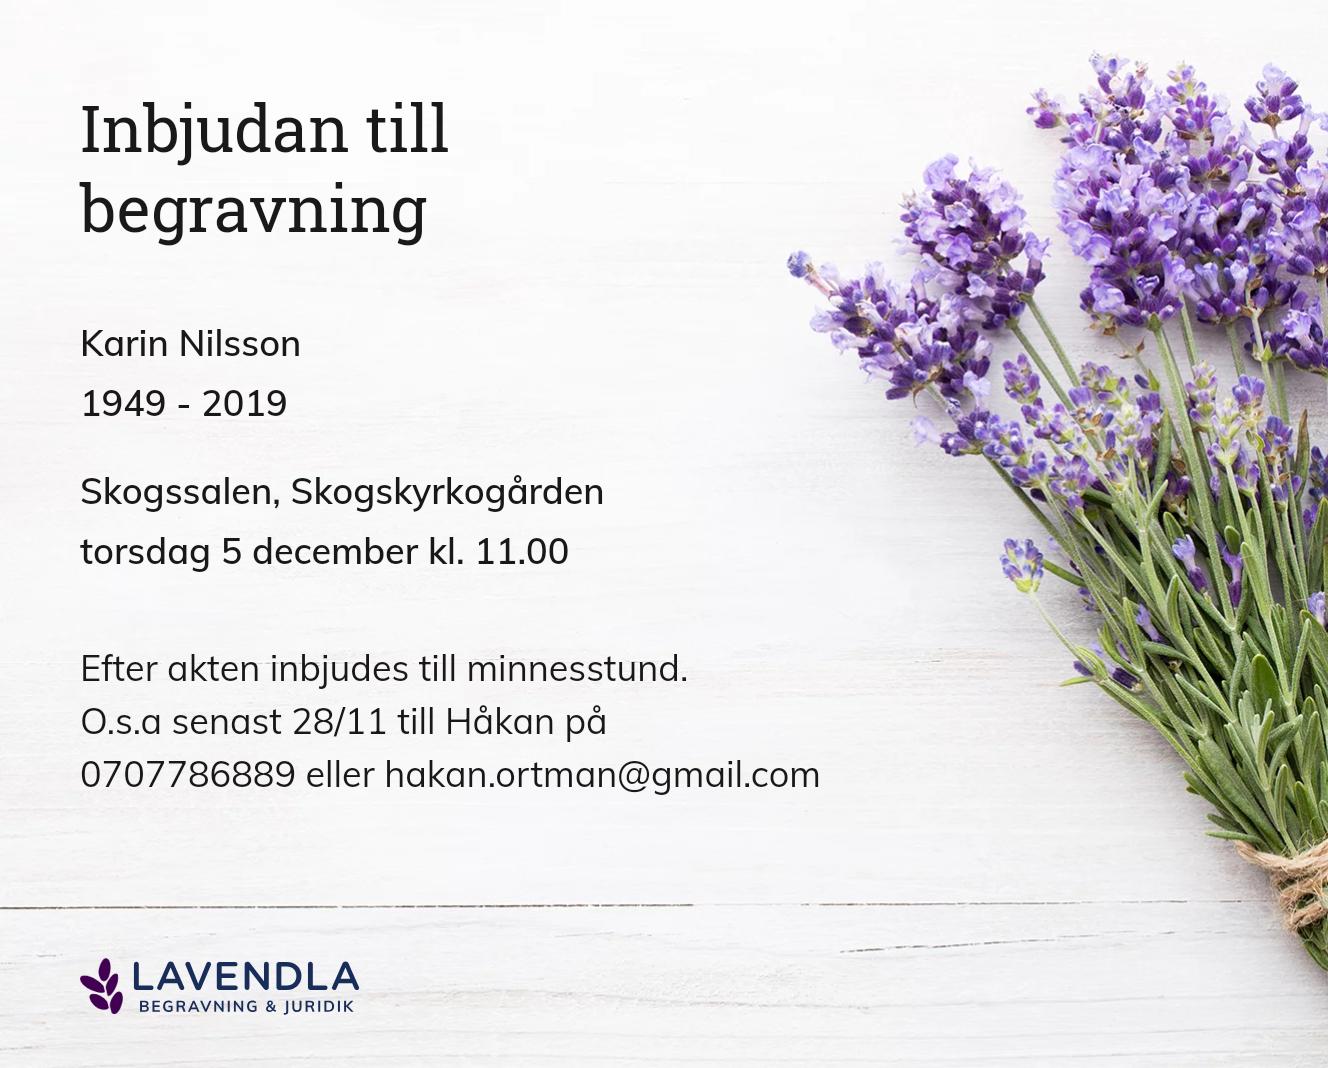 Inbjudningskort till ceremonin för Karin Nilsson